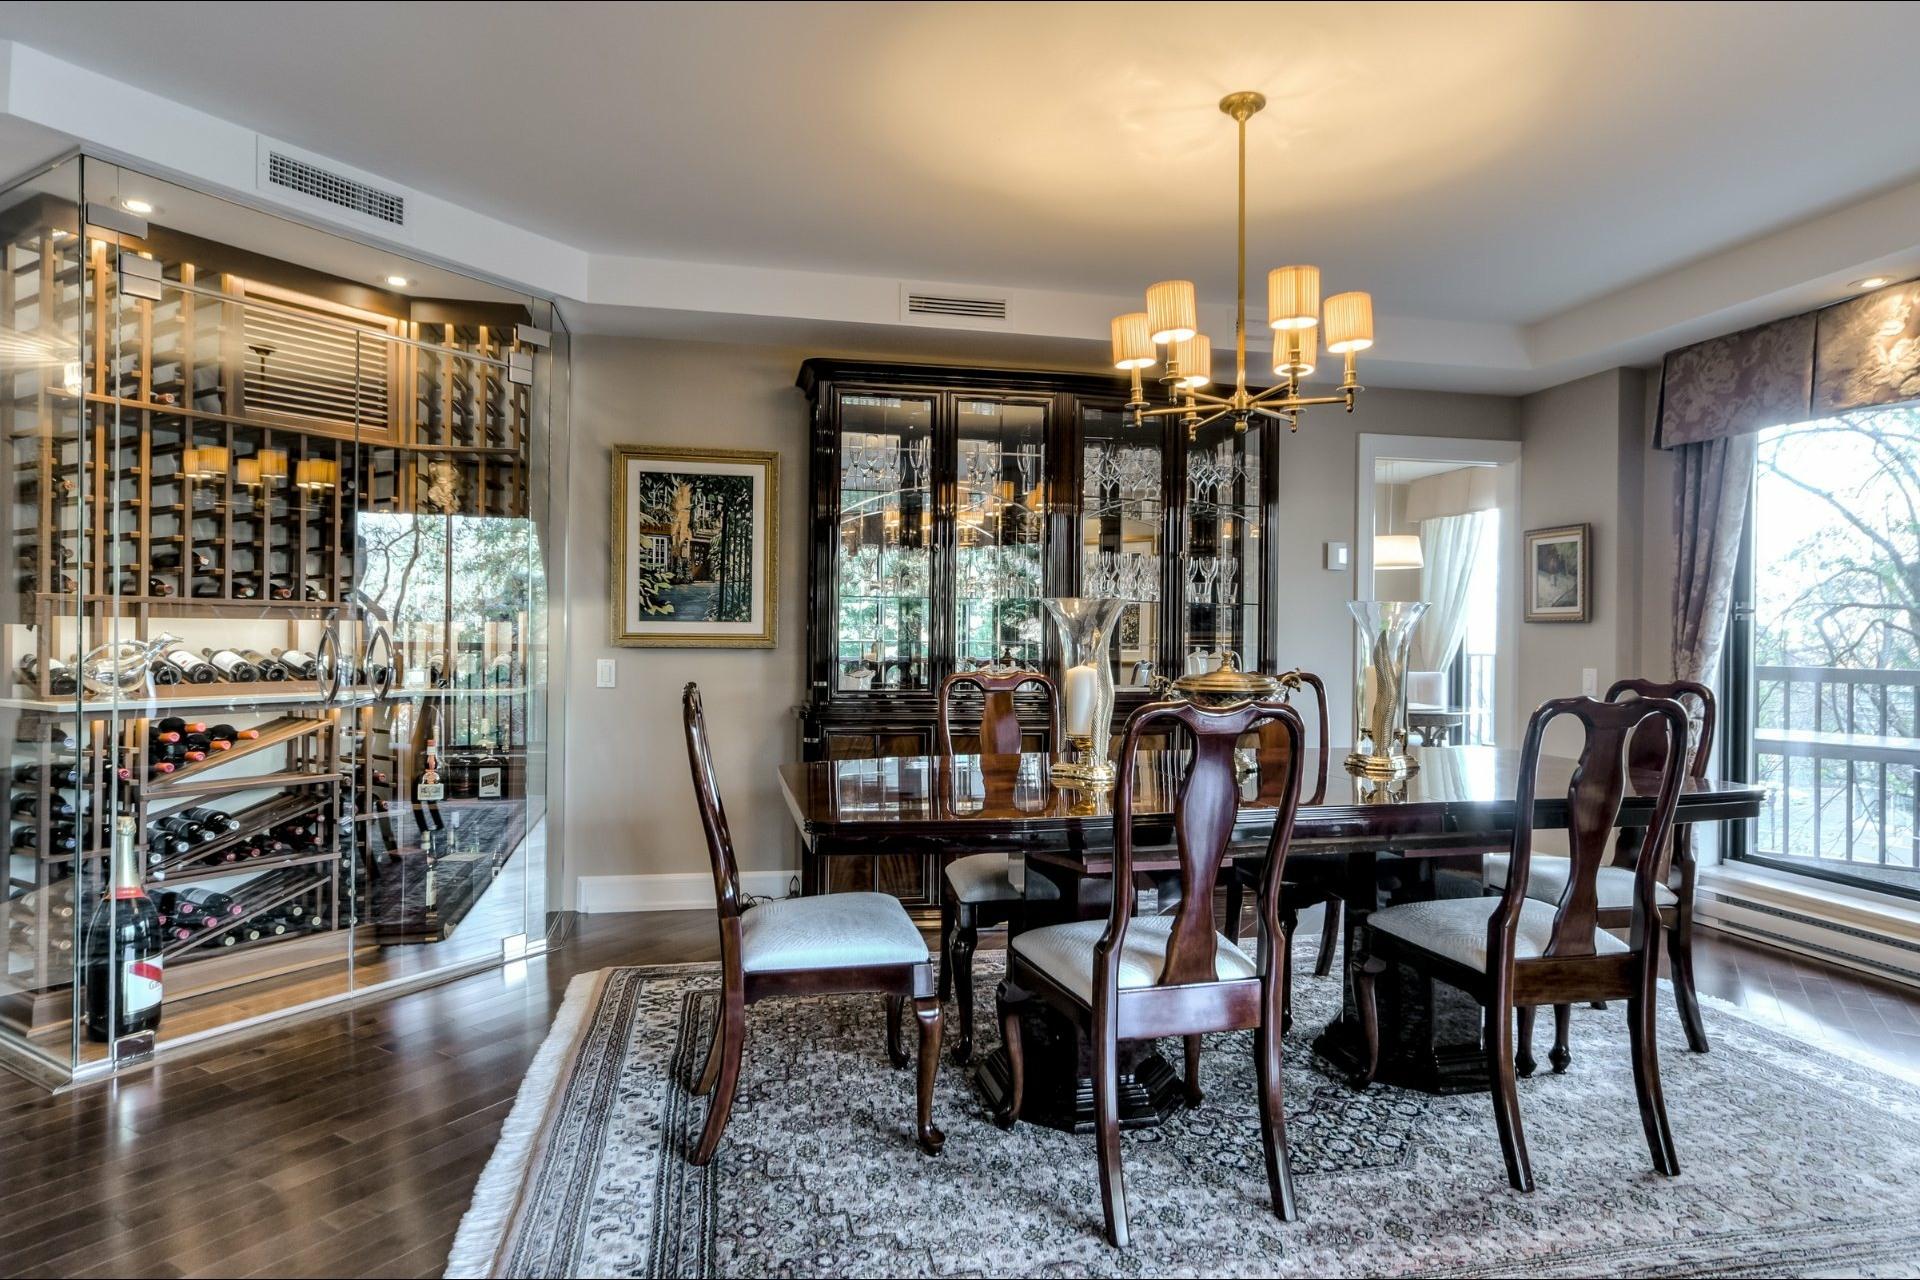 image 5 - 公寓 出售 Côte-des-Neiges/Notre-Dame-de-Grâce Montréal  - 6 室